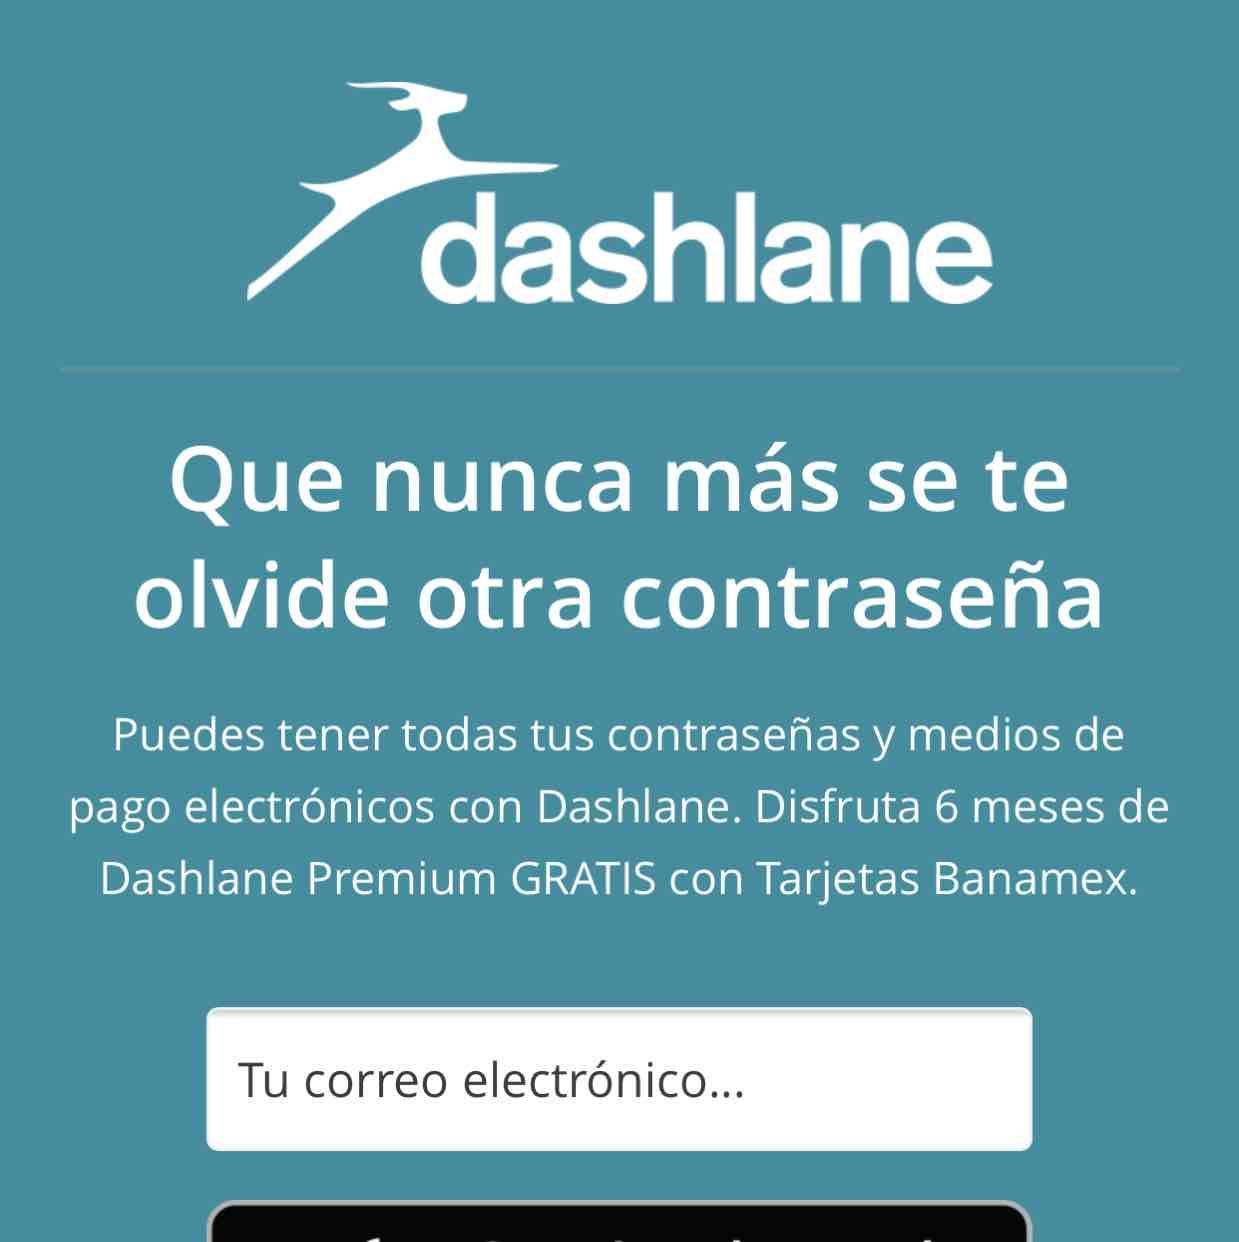 Dashlane: protección de contraseñas grado militar, 6 meses gratis con tarjetas Banamex